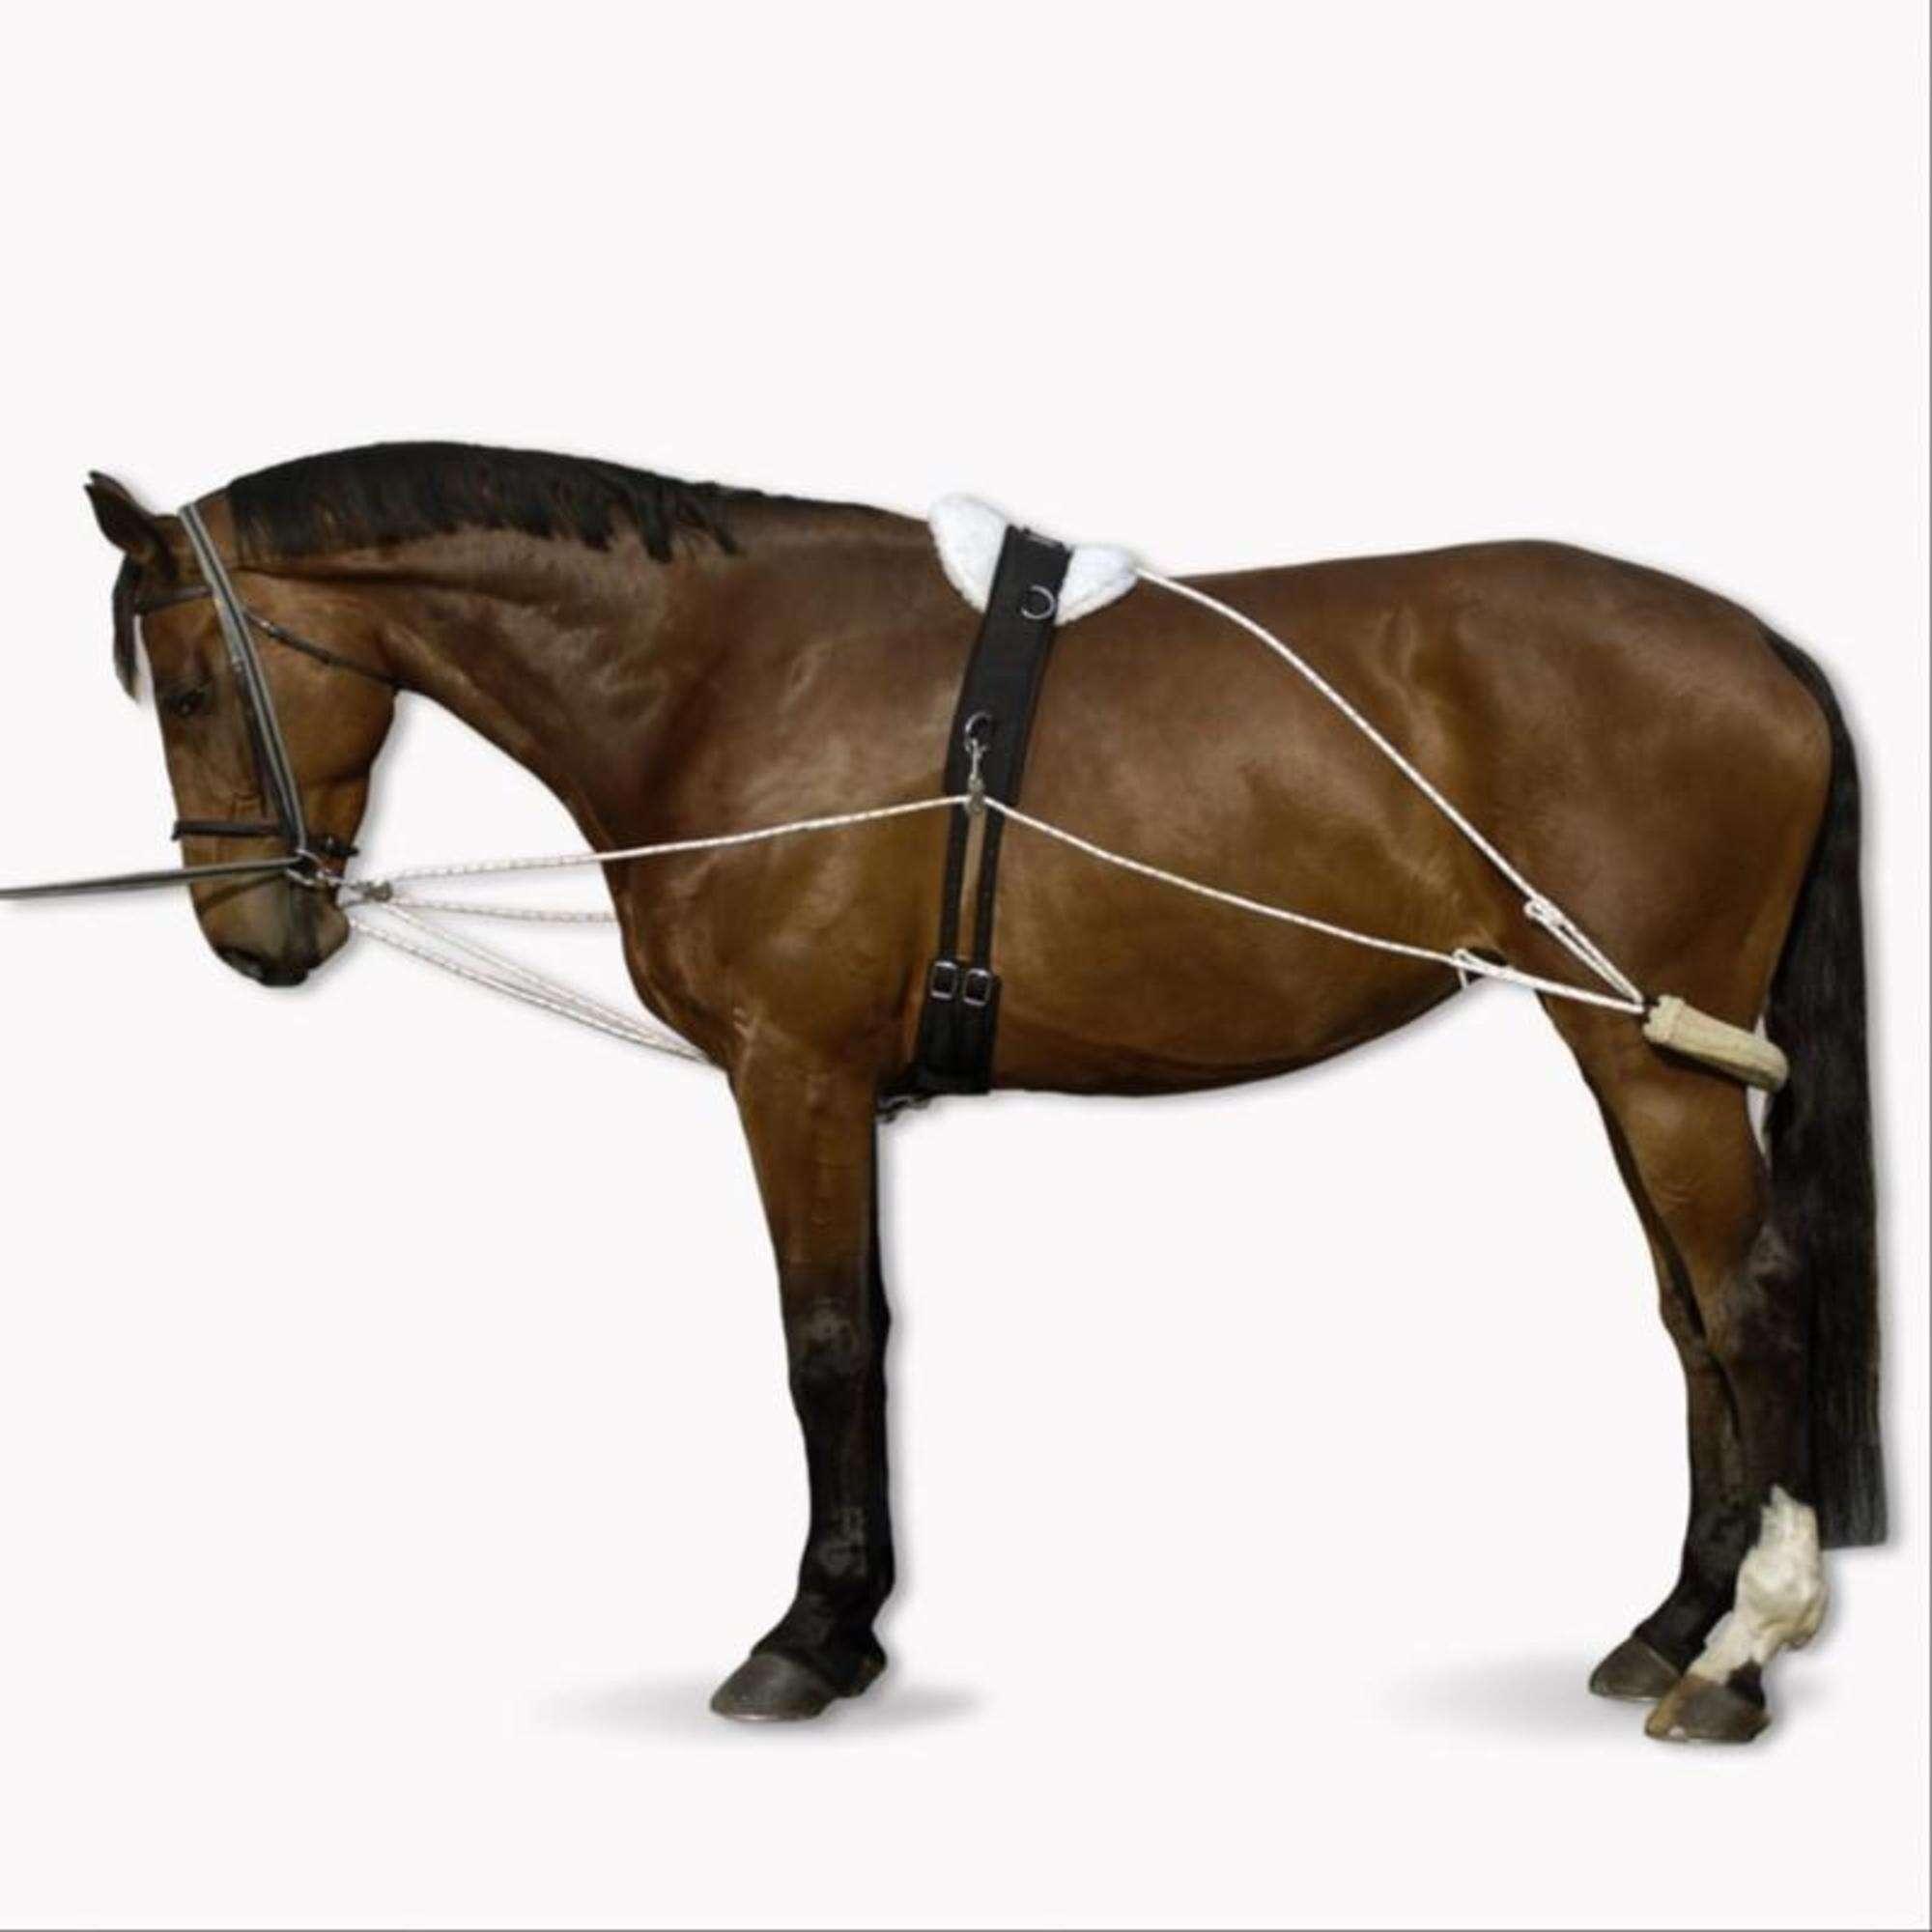 ACESSÓRIOS PARA TRABALHO COM GUIA EQUITA Equitação - Rédeas Polivalentes Equitação NO BRAND - Equipamento do cavalo em trabalho